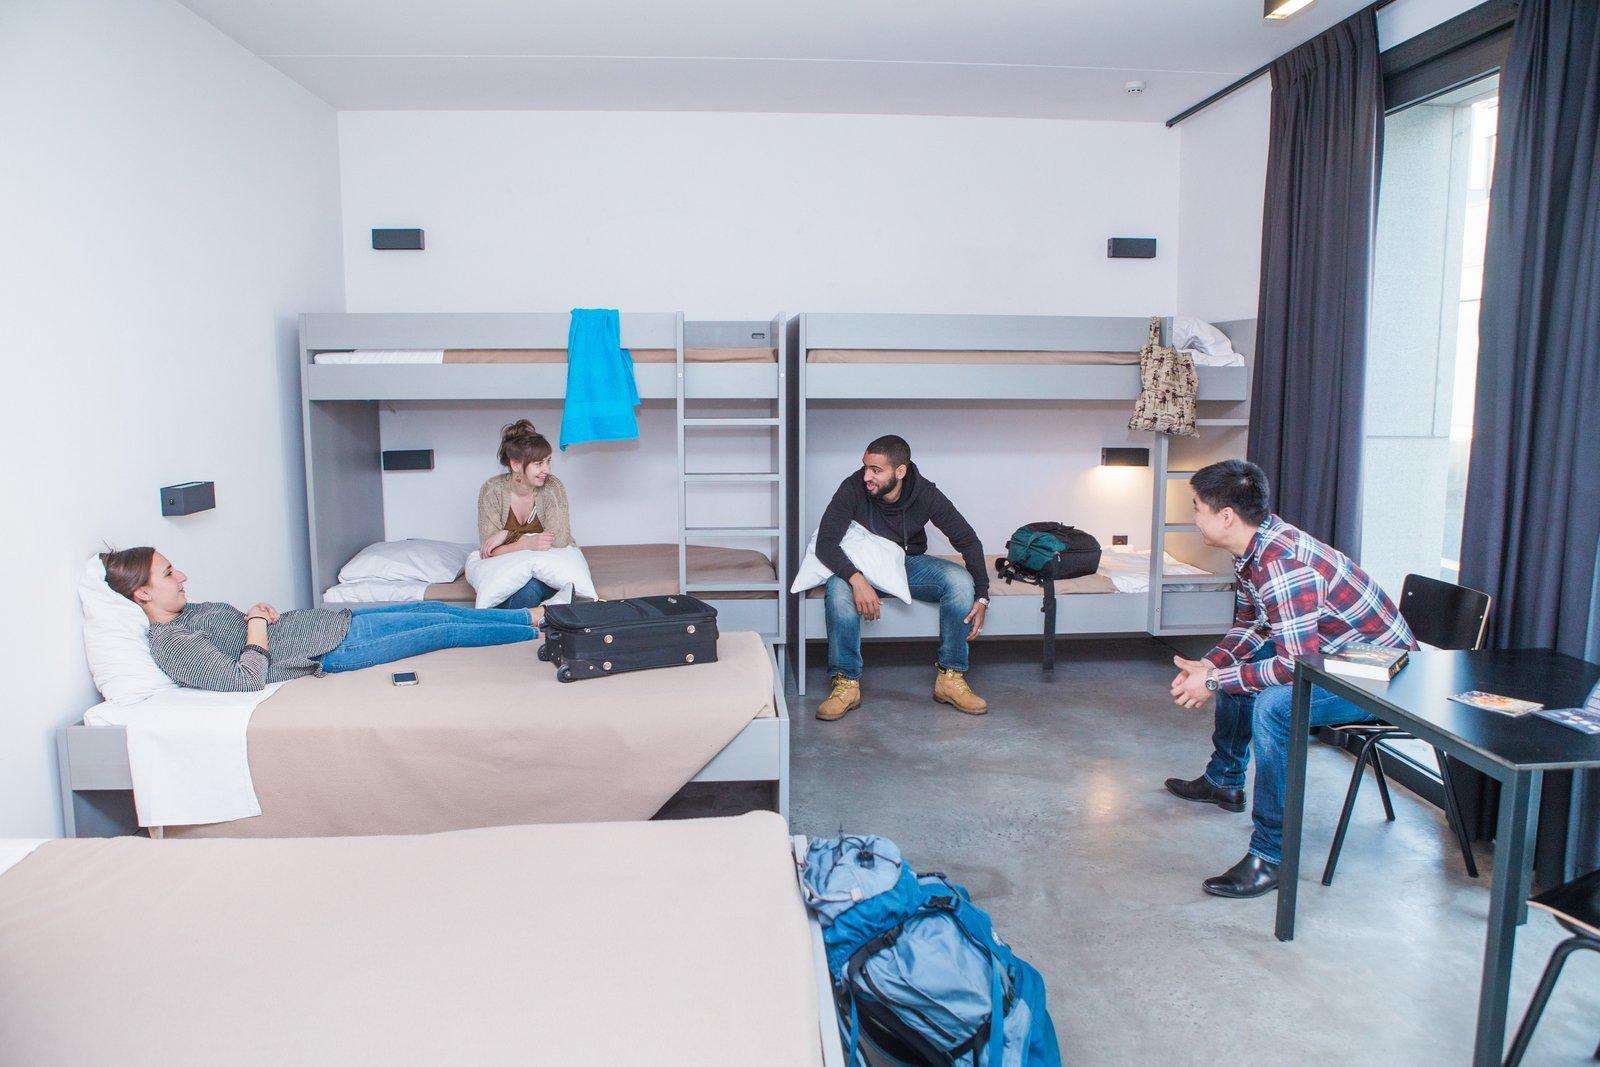 Jongeren chillen in een kamer